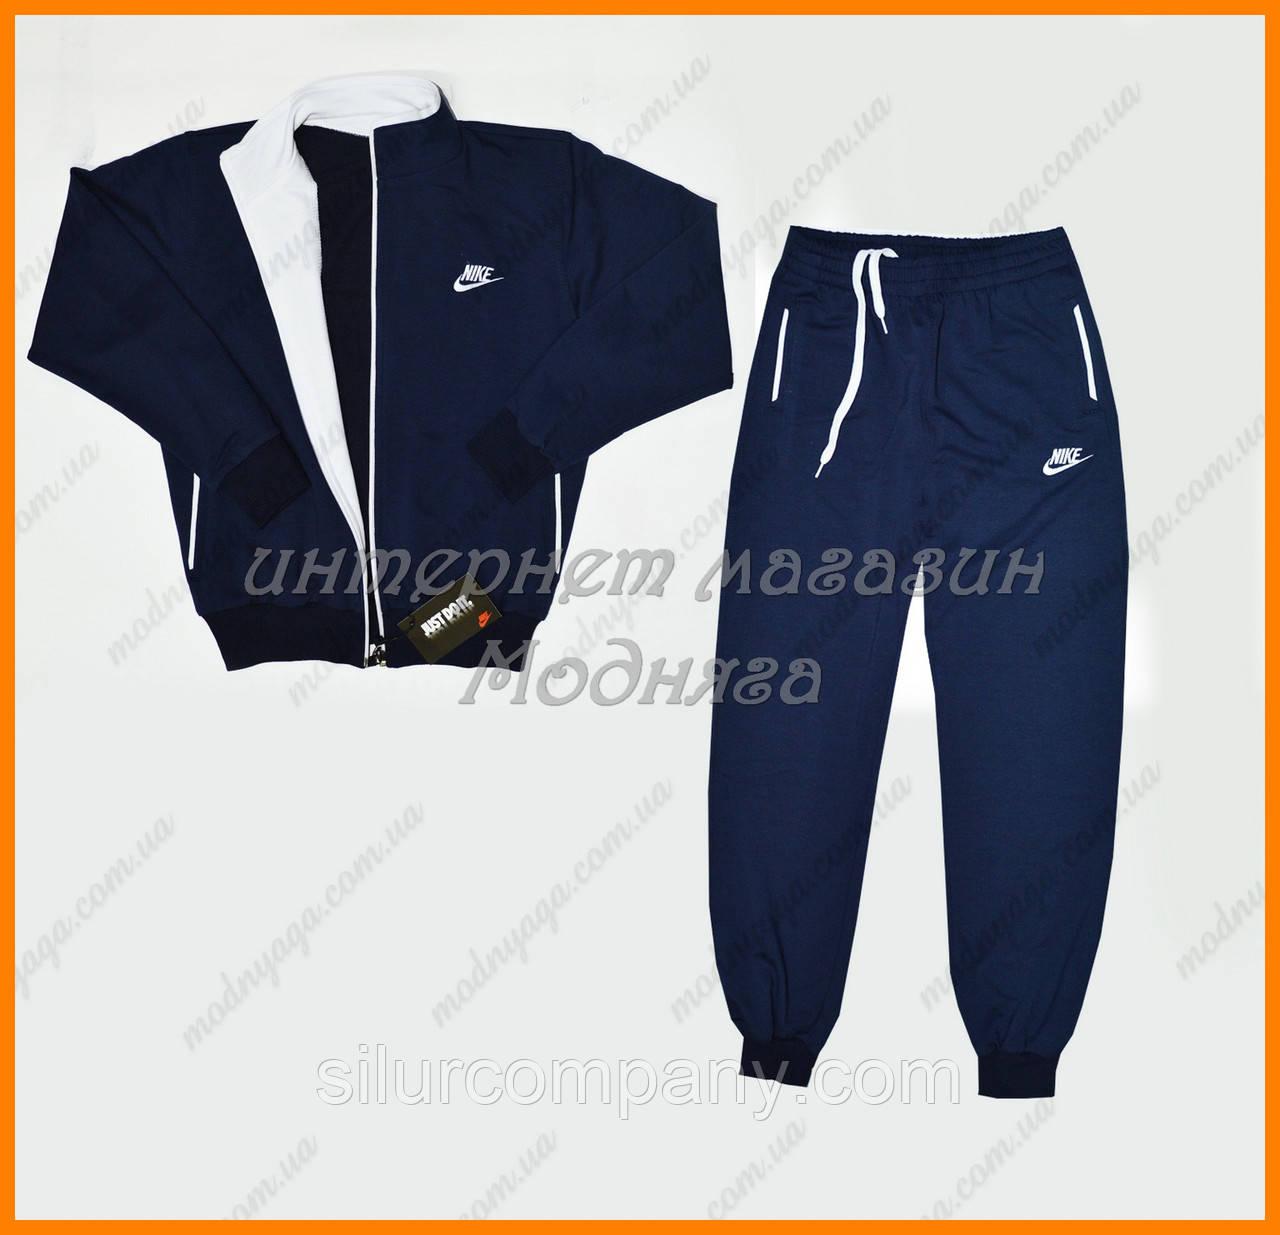 13786a62 Подростковые спортивные костюмы Nike   Недорого для мальчиков, фото 1  --5%%% Скидка. next previous. Подростковые спортивные костюмы Nike ...